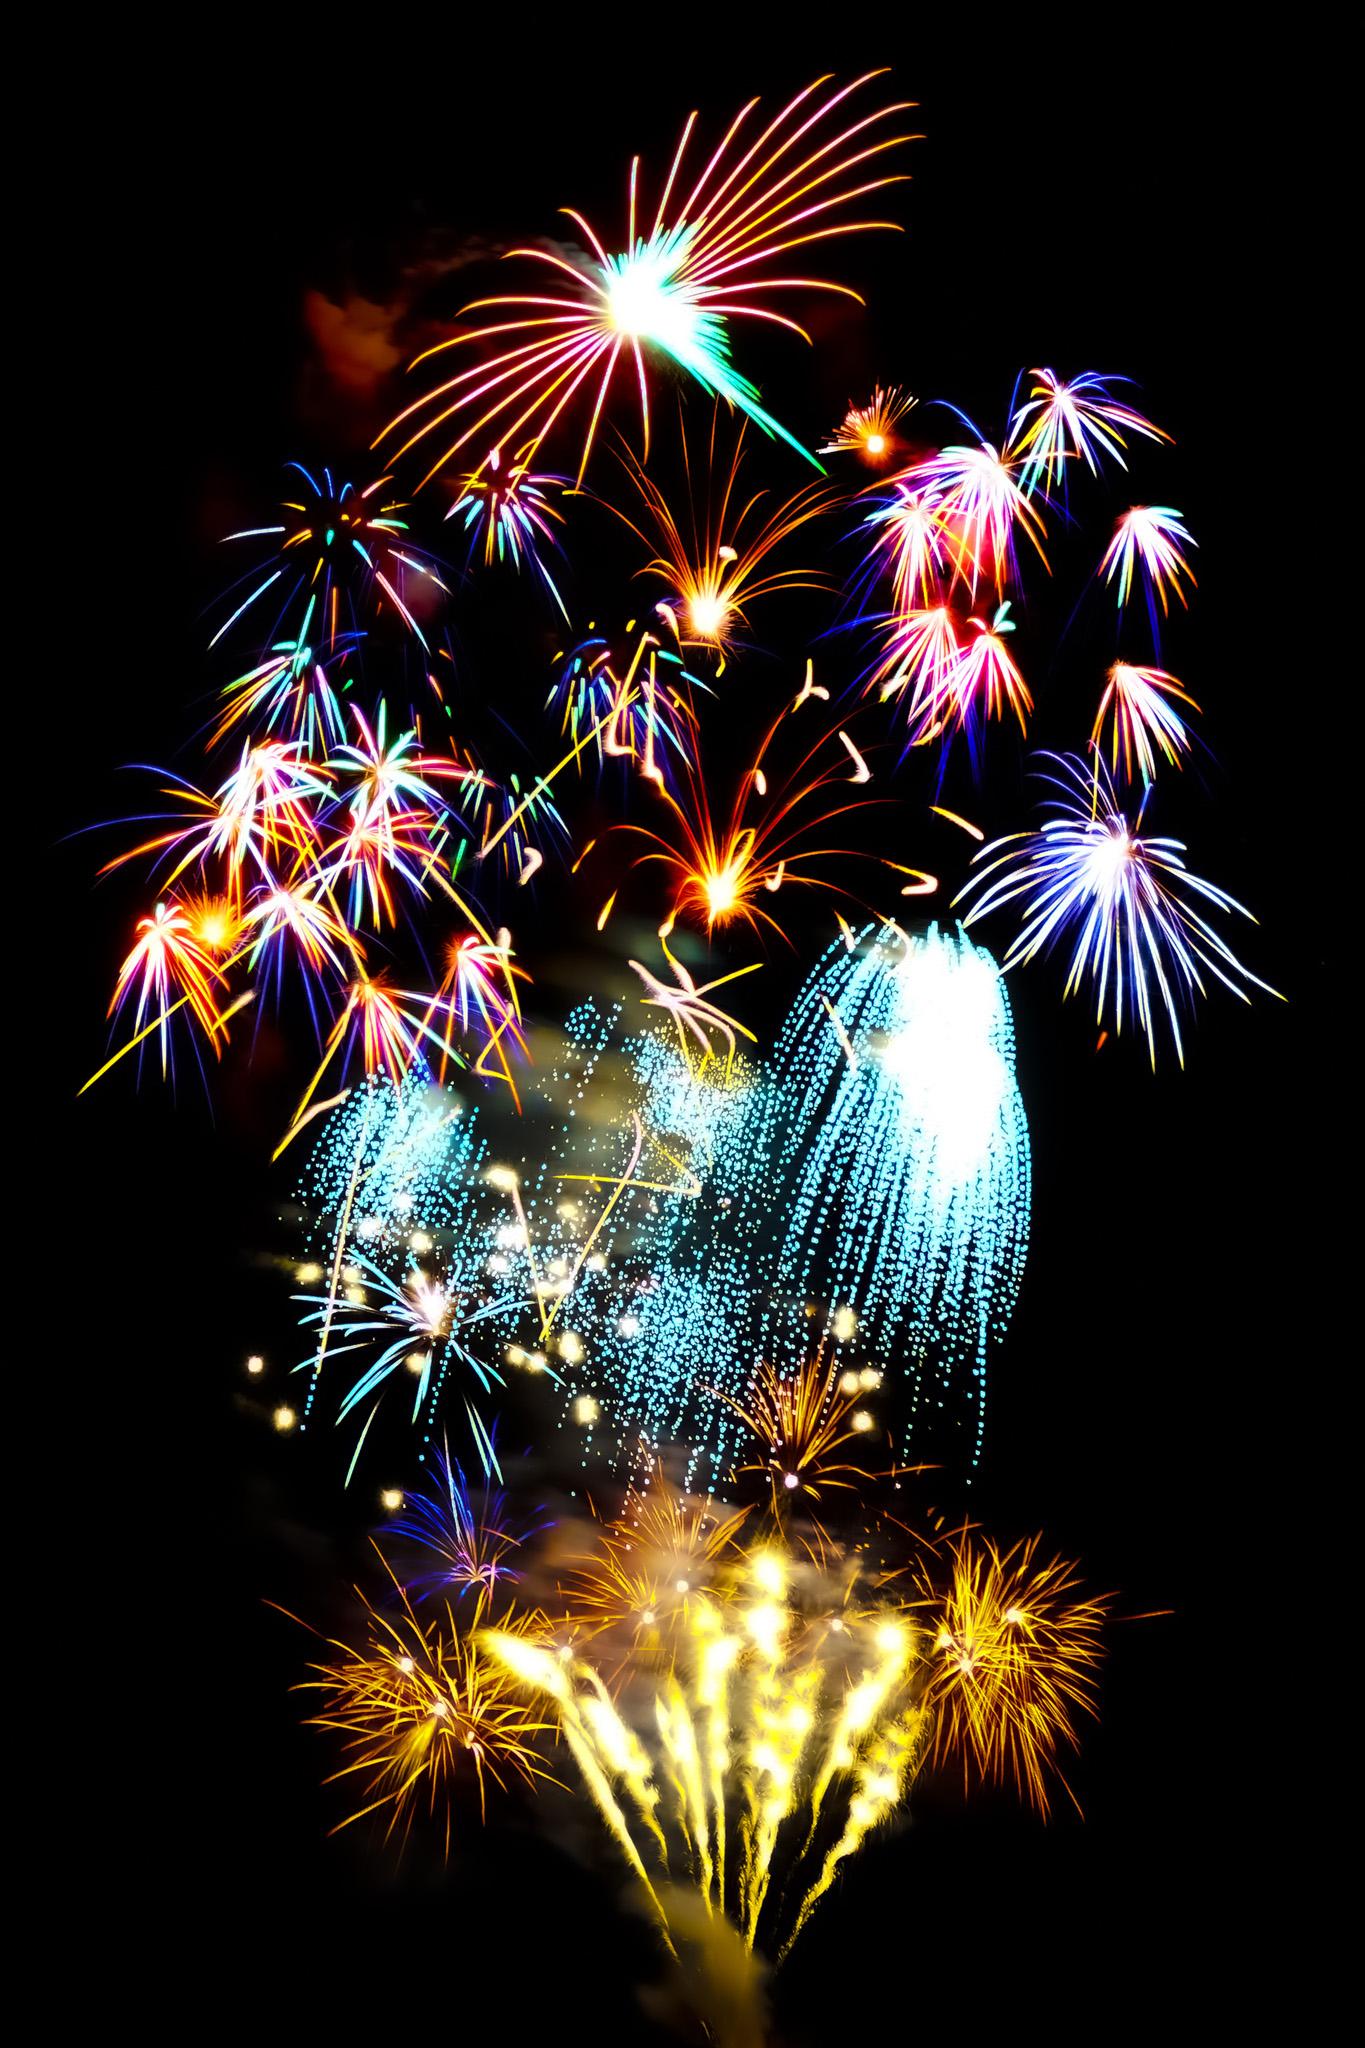 「スターマイン花火が彩る花火大会」の画像を無料ダウンロード